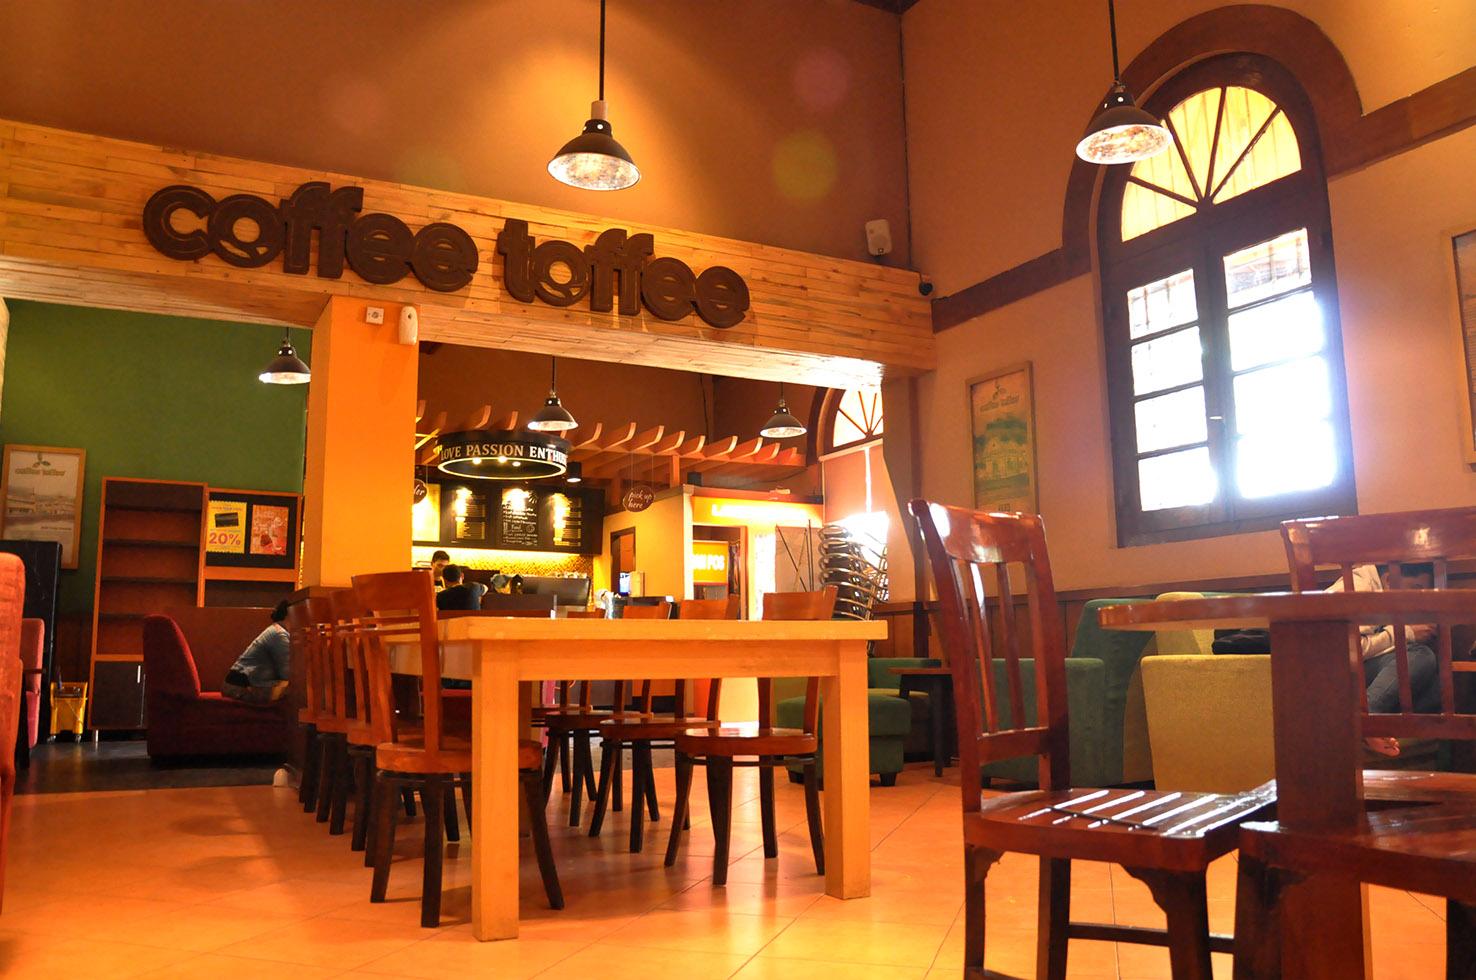 Tampilan interior gerai Coffee Toffee Taman Apsari, Surabaya (foto: franchiseglobal.com)